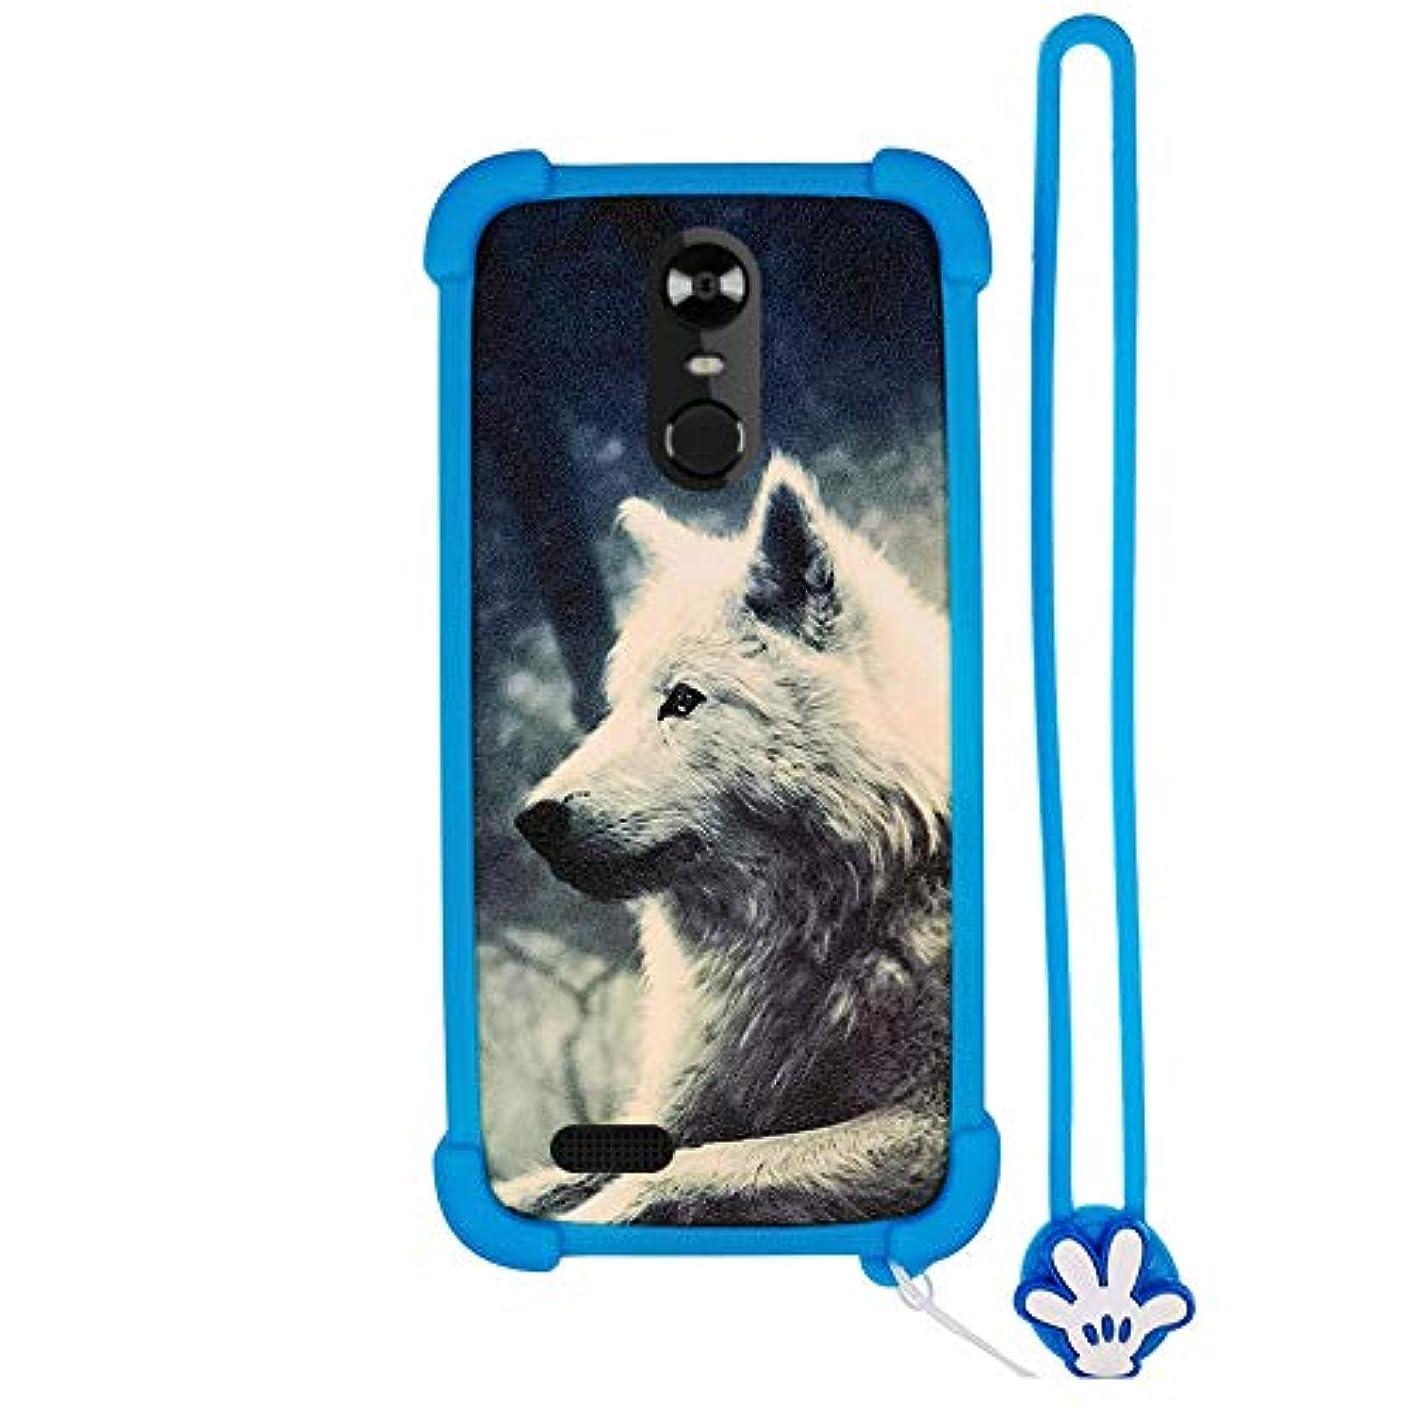 ランダム合意影ケース Kruger Matz Smartfon MOVE 8 ケース シリコーンフレーム + PC バックプレーンは立つことができる Lang